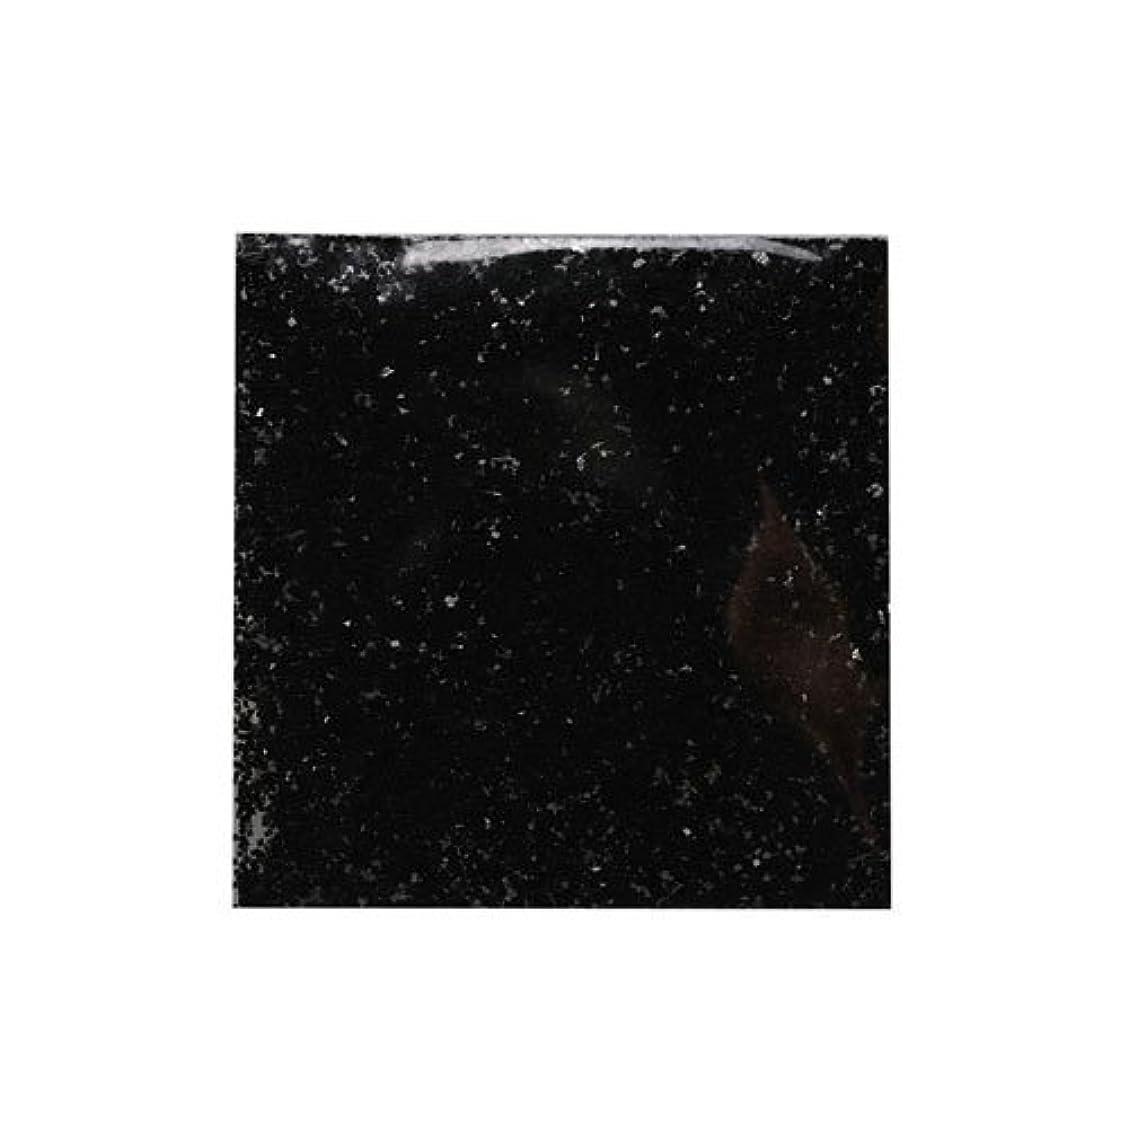 夕暮れサーバント廃止ピカエース ネイル用パウダー ラメメタリック M #537 ブラック 2g アート材